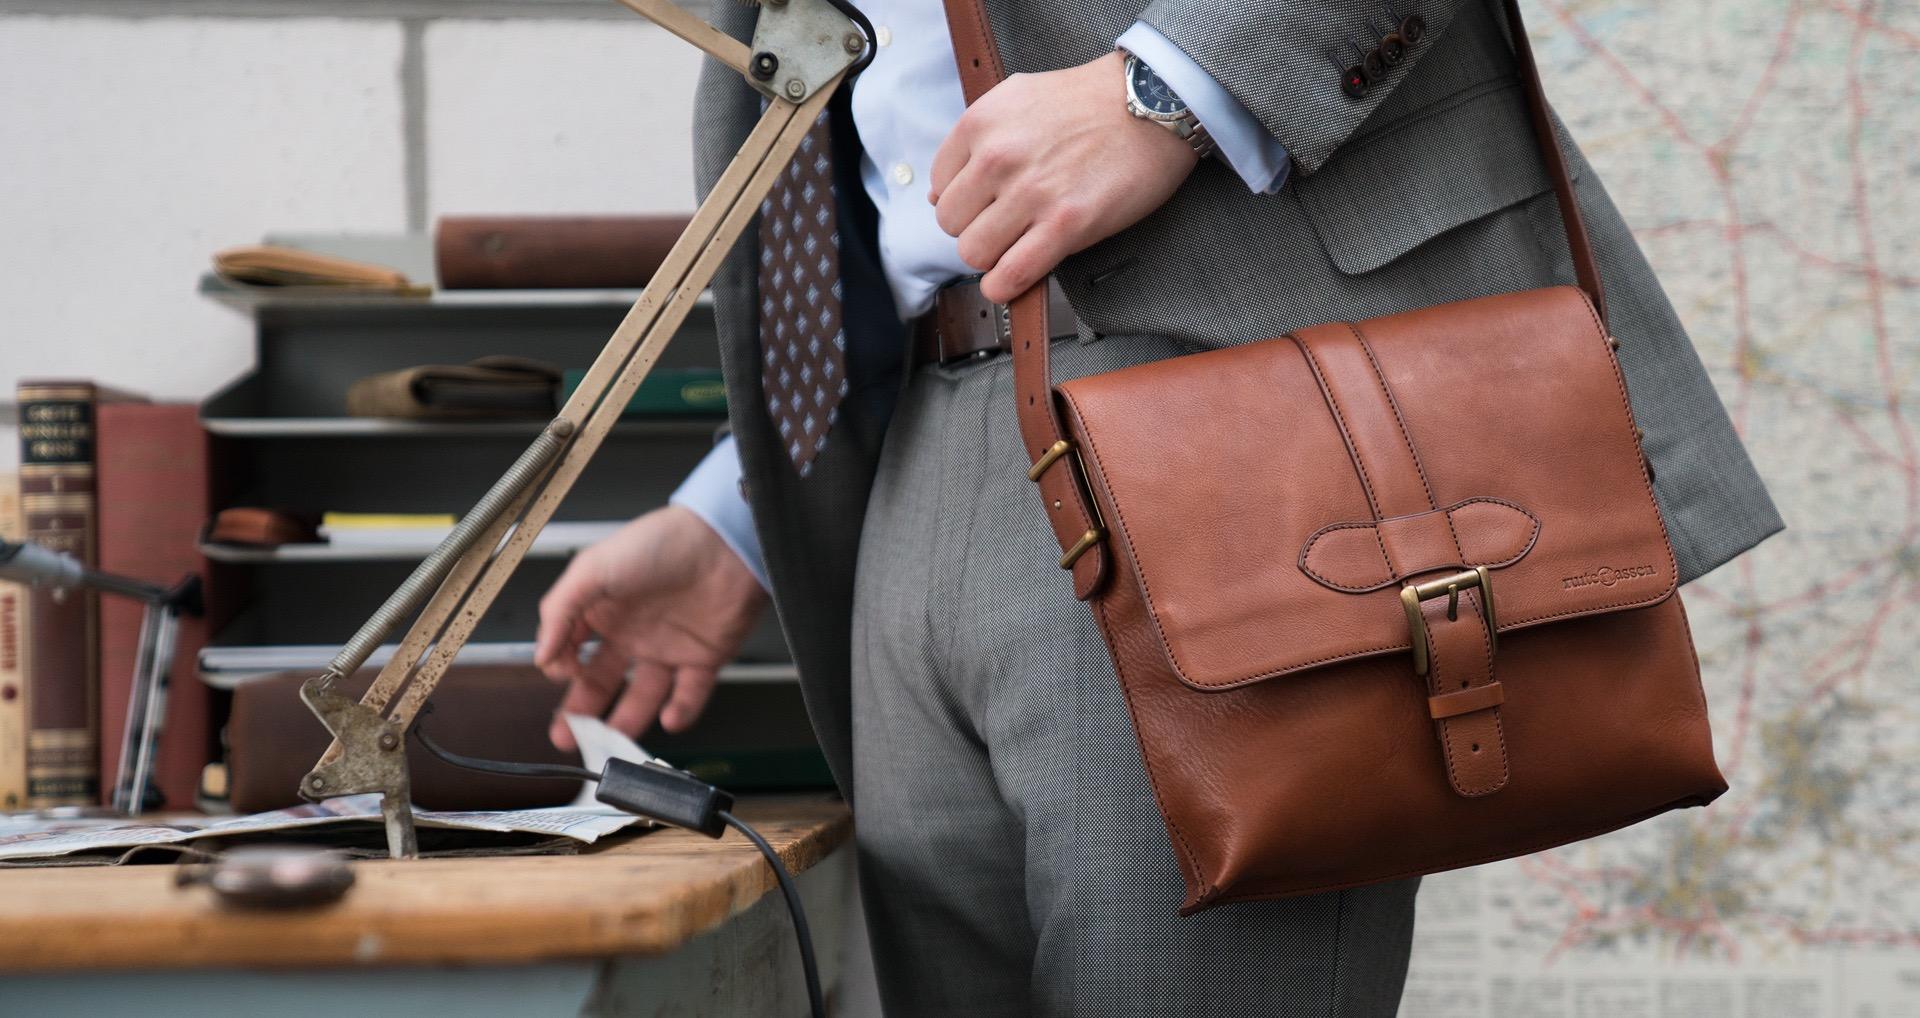 túi xách da thể hiện phong cách thanh lịch và sang trọng